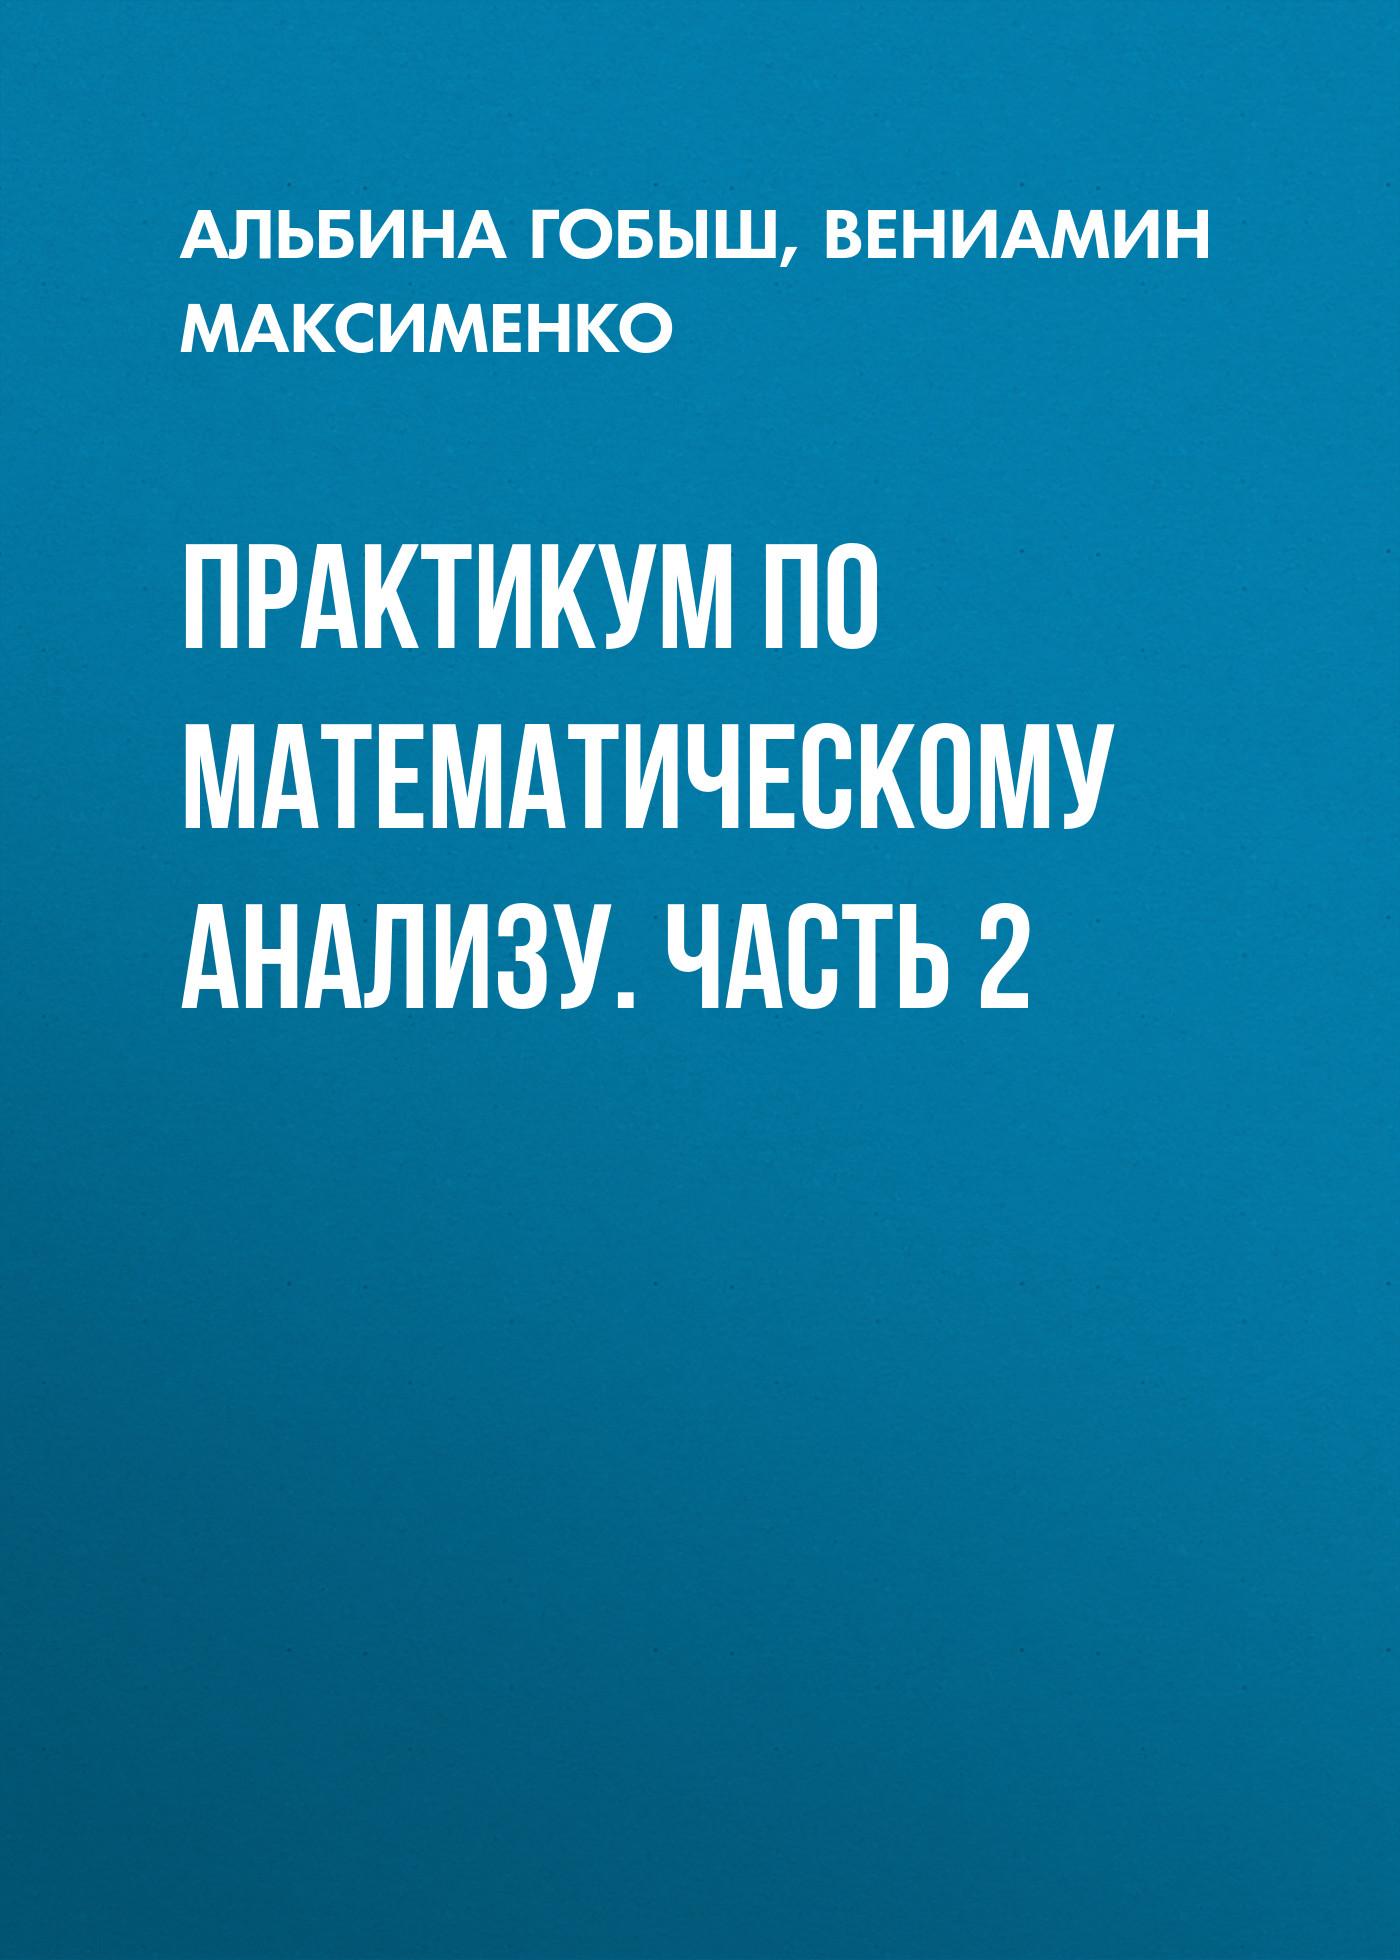 Вениамин Максименко Практикум по математическому анализу. Часть 2 бесов олег владимирович лекции по математическому анализу